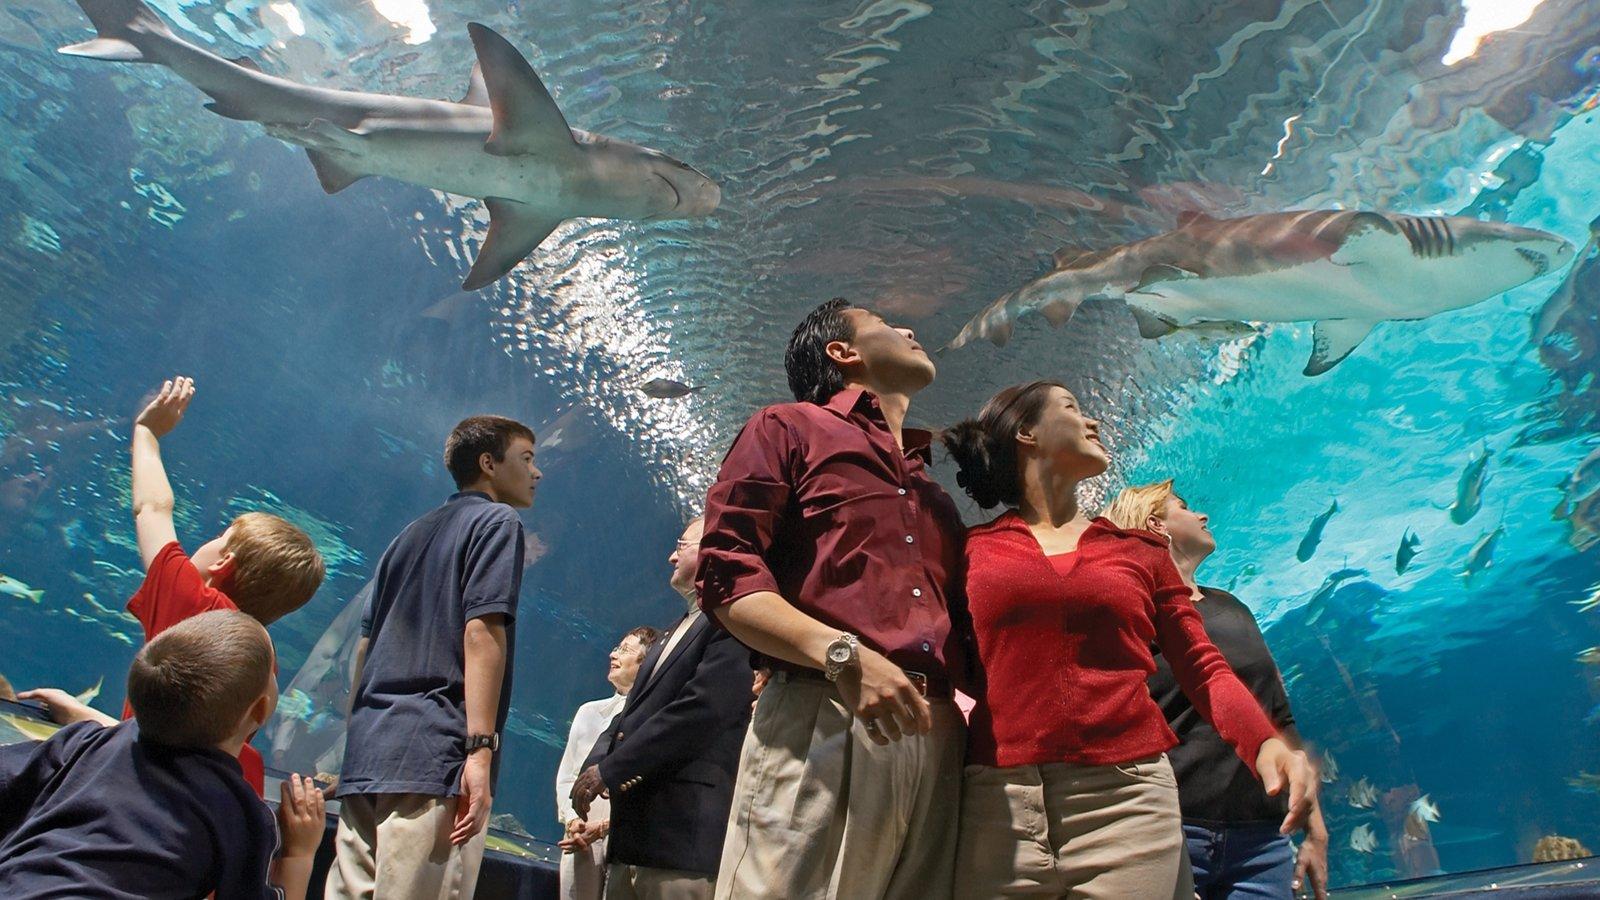 Newport Aquarium que inclui vida marinha e vistas internas assim como uma família